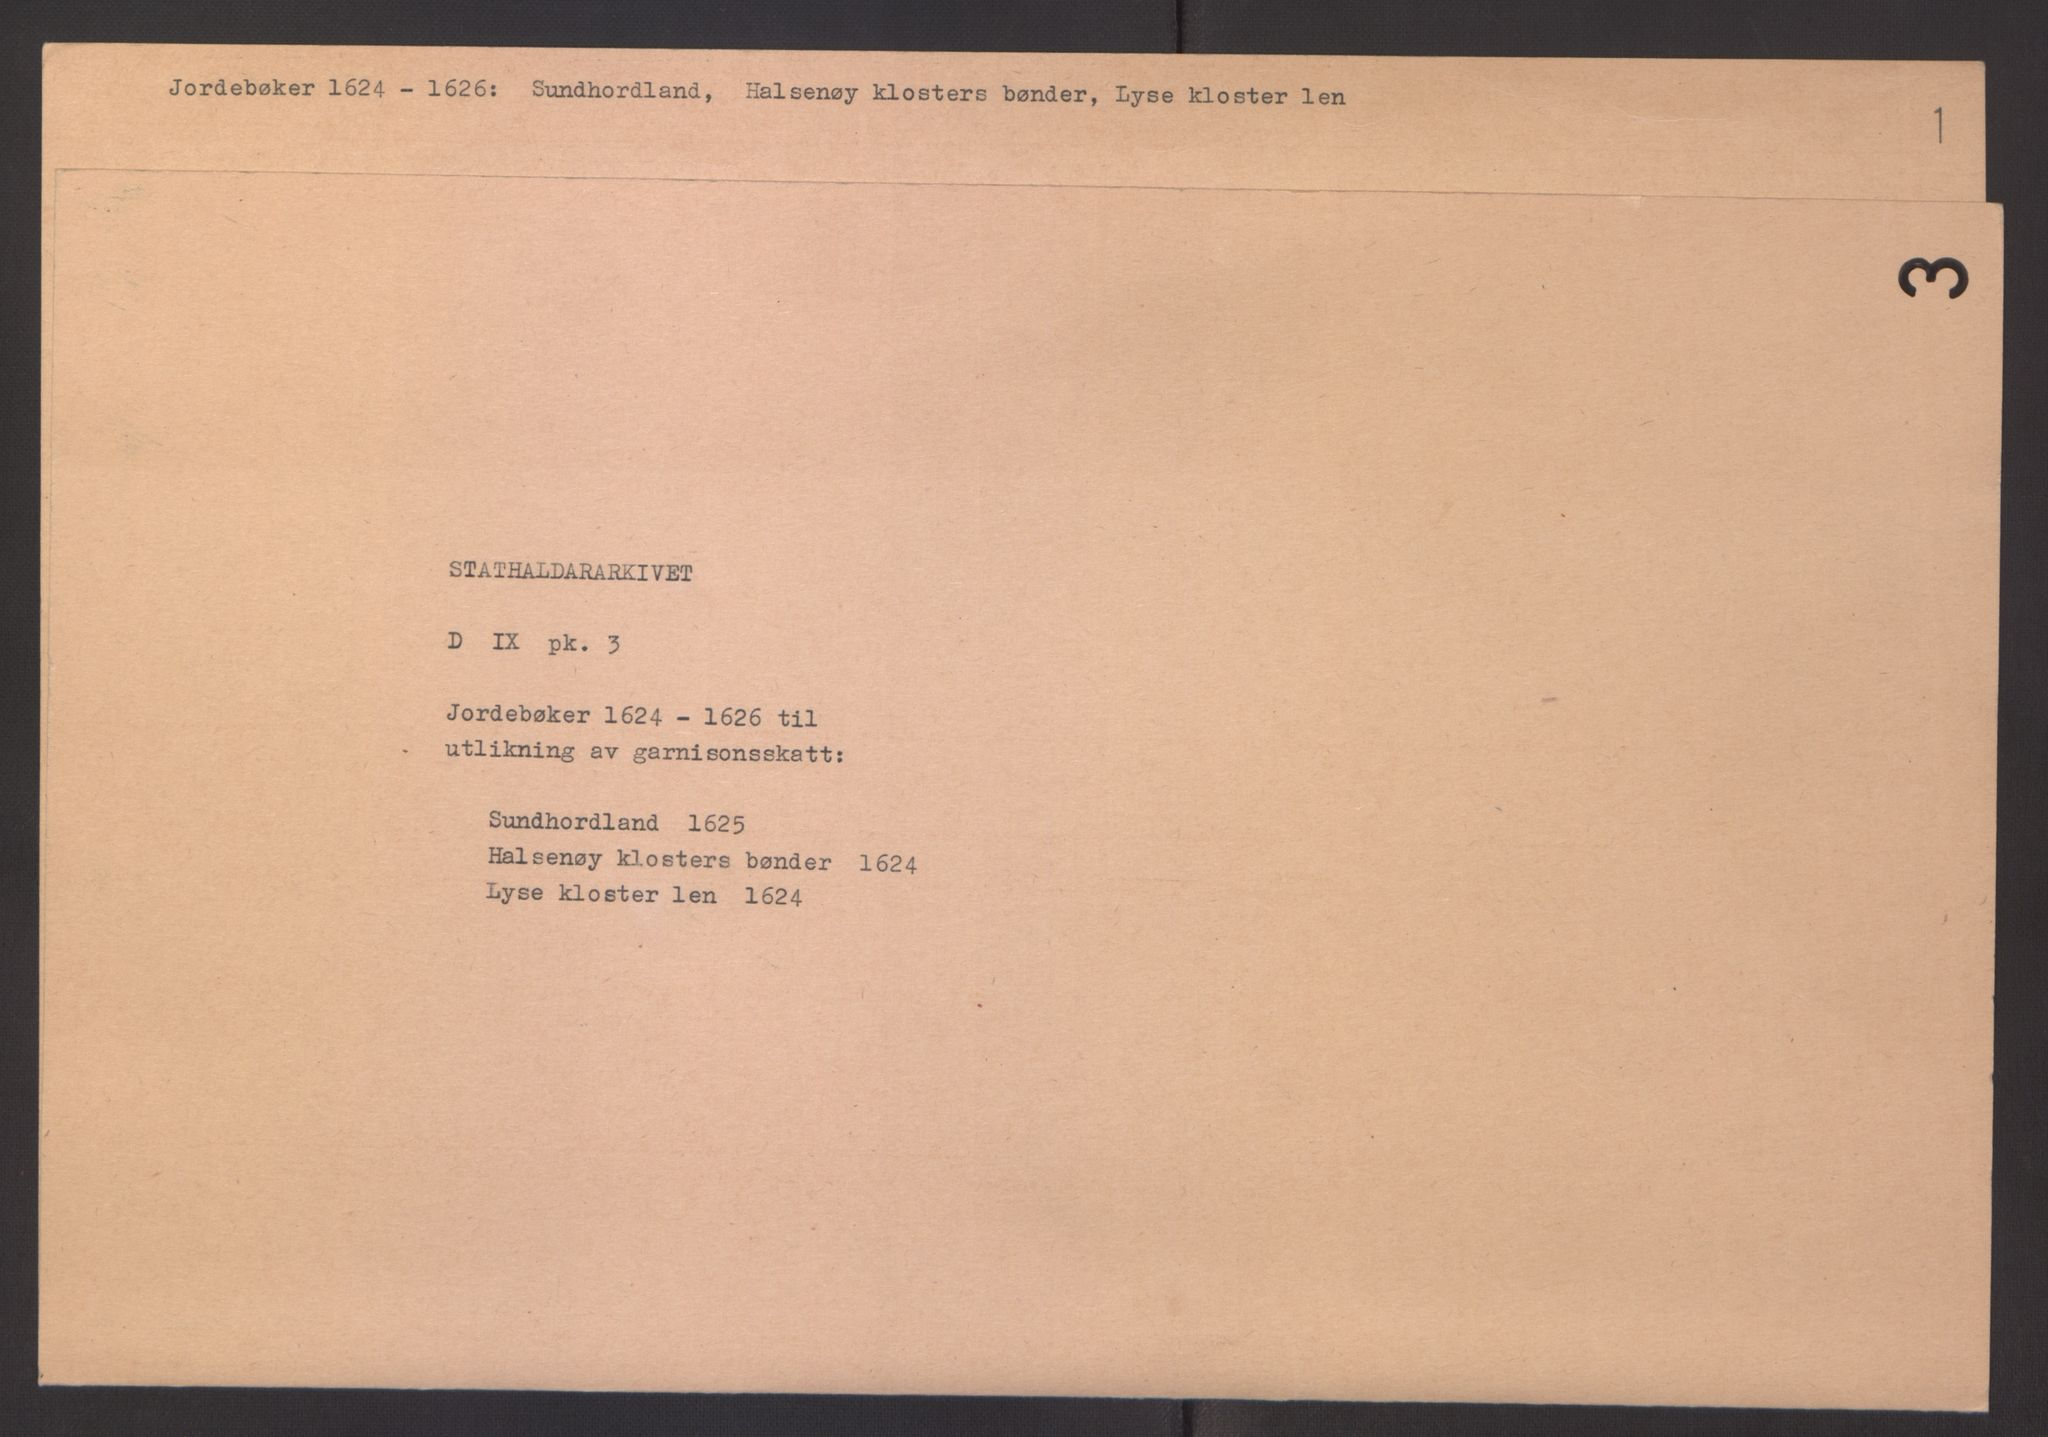 RA, Stattholderembetet 1572-1771, Ek/L0003: Jordebøker til utlikning av garnisonsskatt 1624-1626:, 1624-1625, s. 2